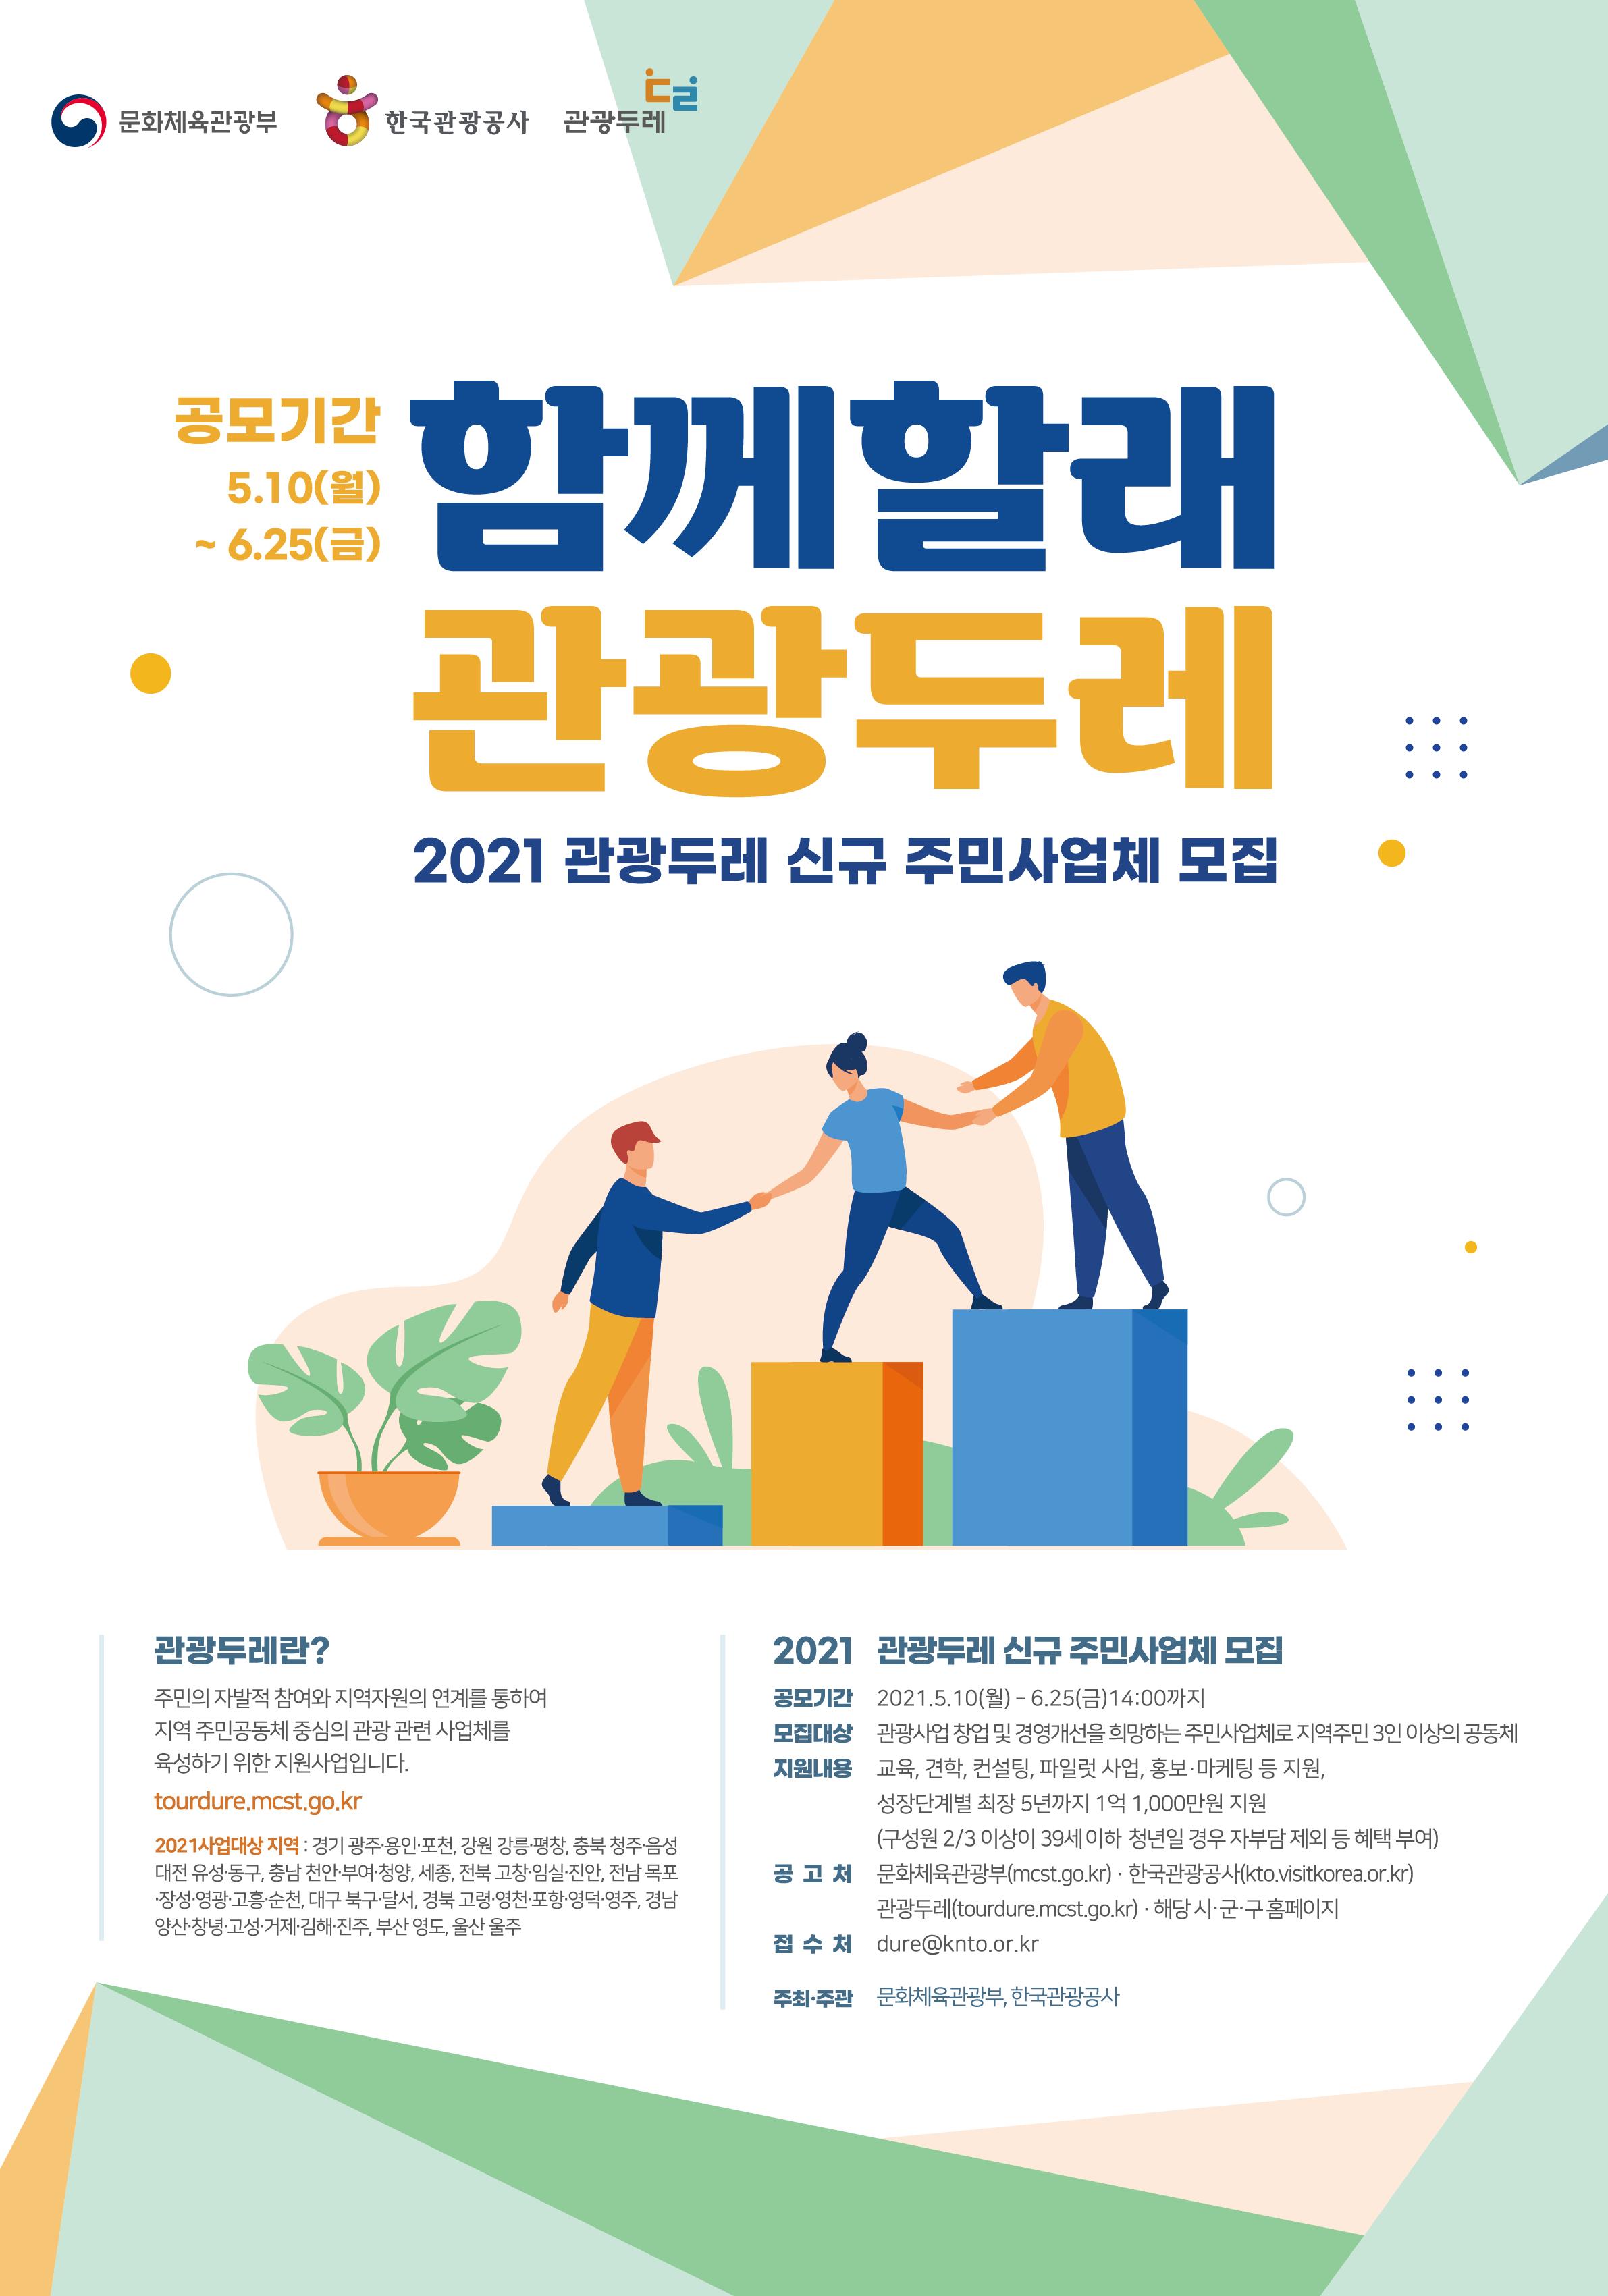 2020 관광두레사업 주민사업체 모집 - 함께할래? 관광두레!